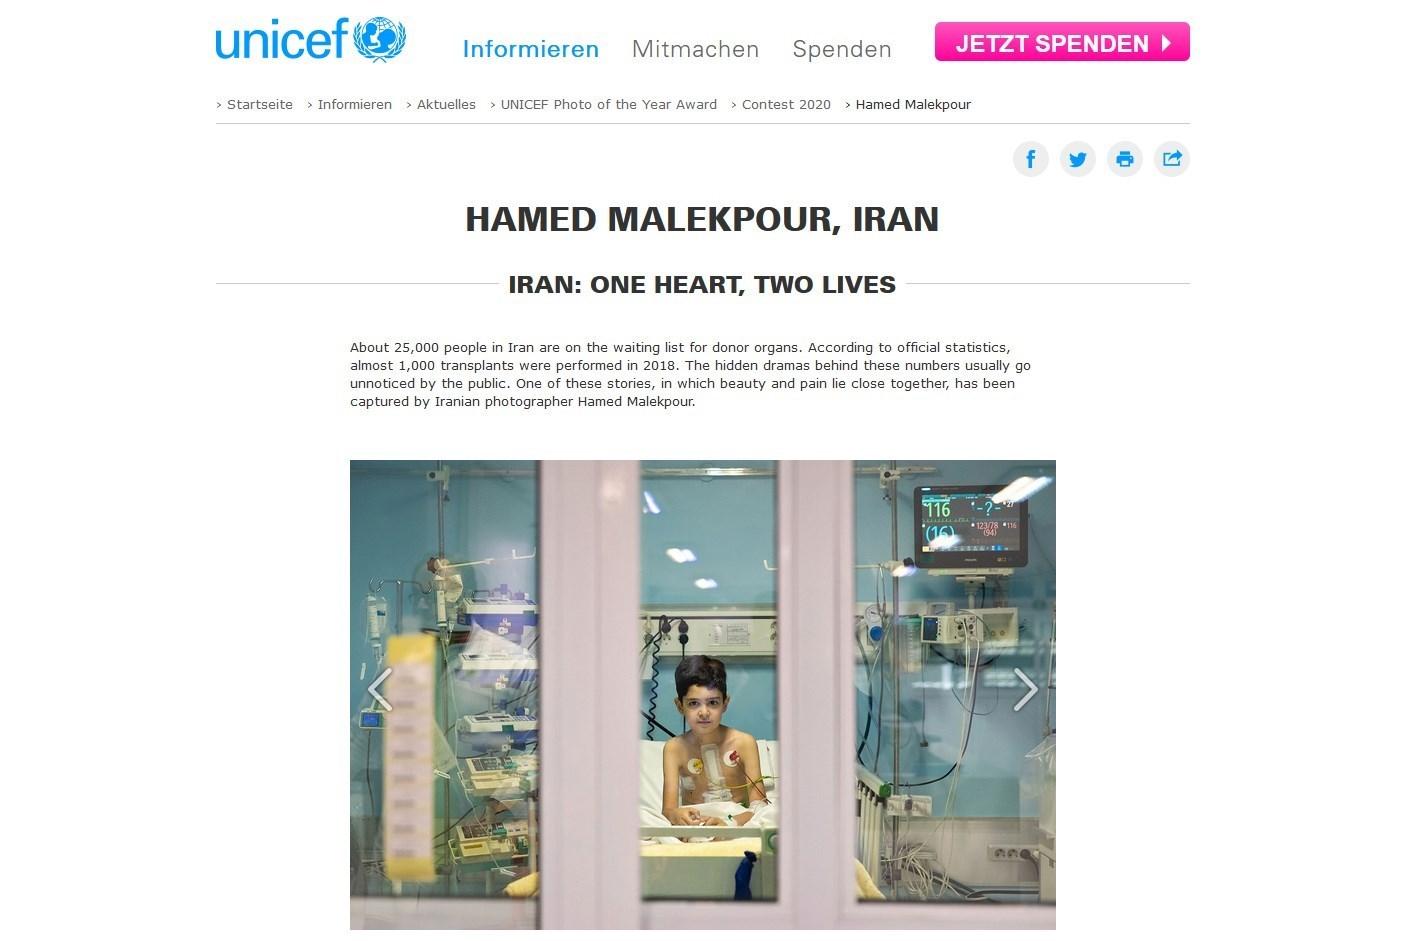 عکاسی , هنرهای تجسمی , عکس , عکاس خبری , حامد ملک پور , عرفان کوچاری ,